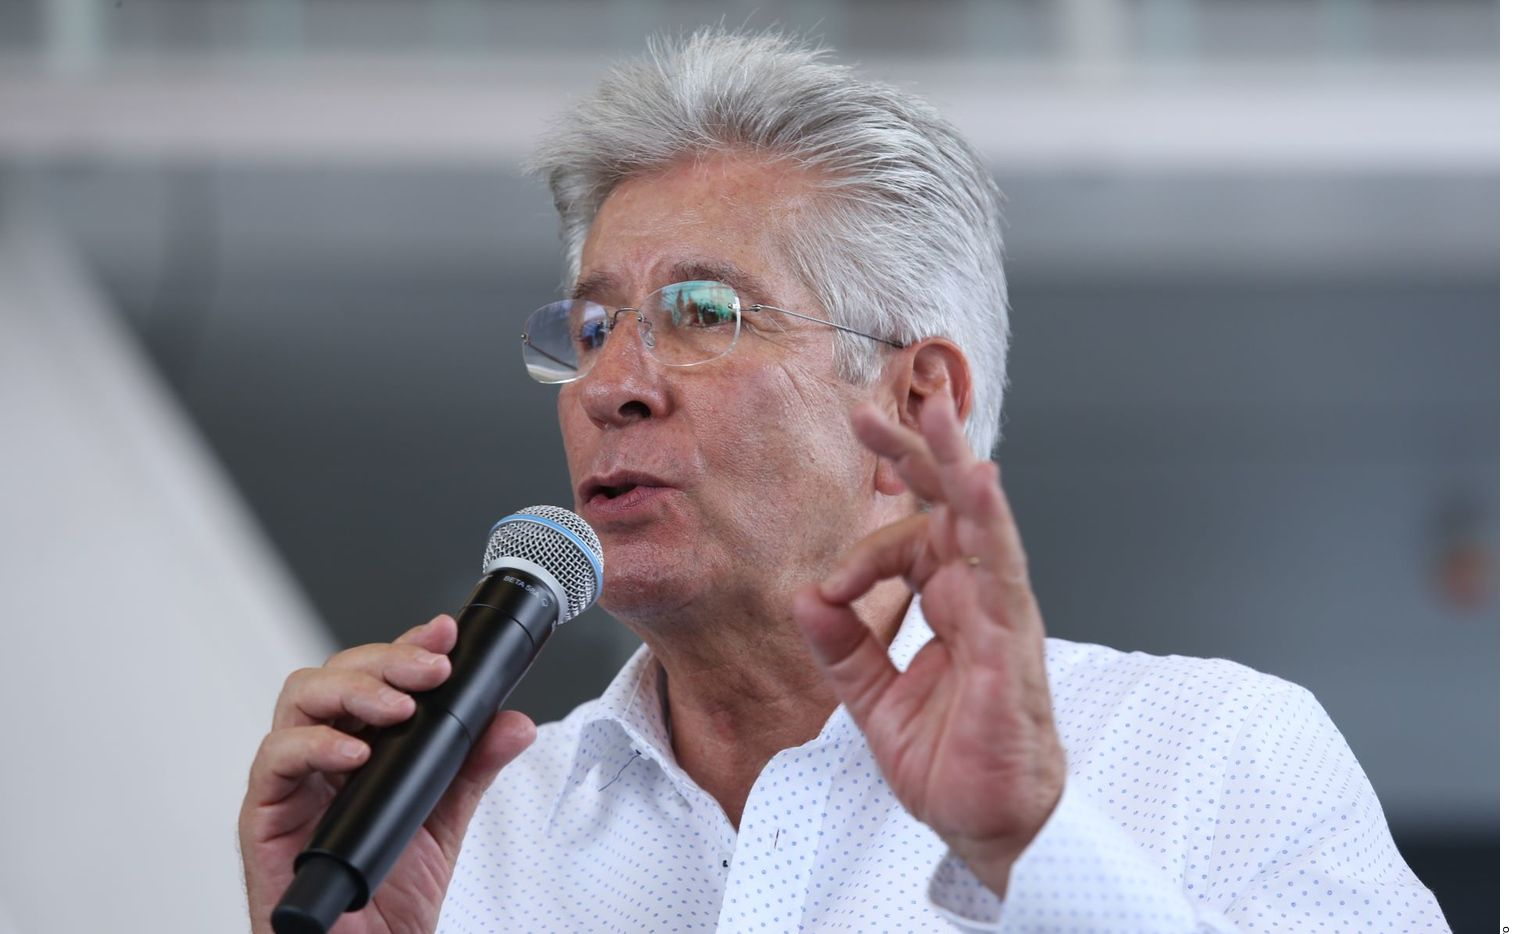 Gerardo Ruiz Esparza, quien fungió como Secretario de Comunicaciones y Transportes en el sexenio pasado, sufrió un infarto cerebral, dijeron fuentes cercanas al ex funcionario.